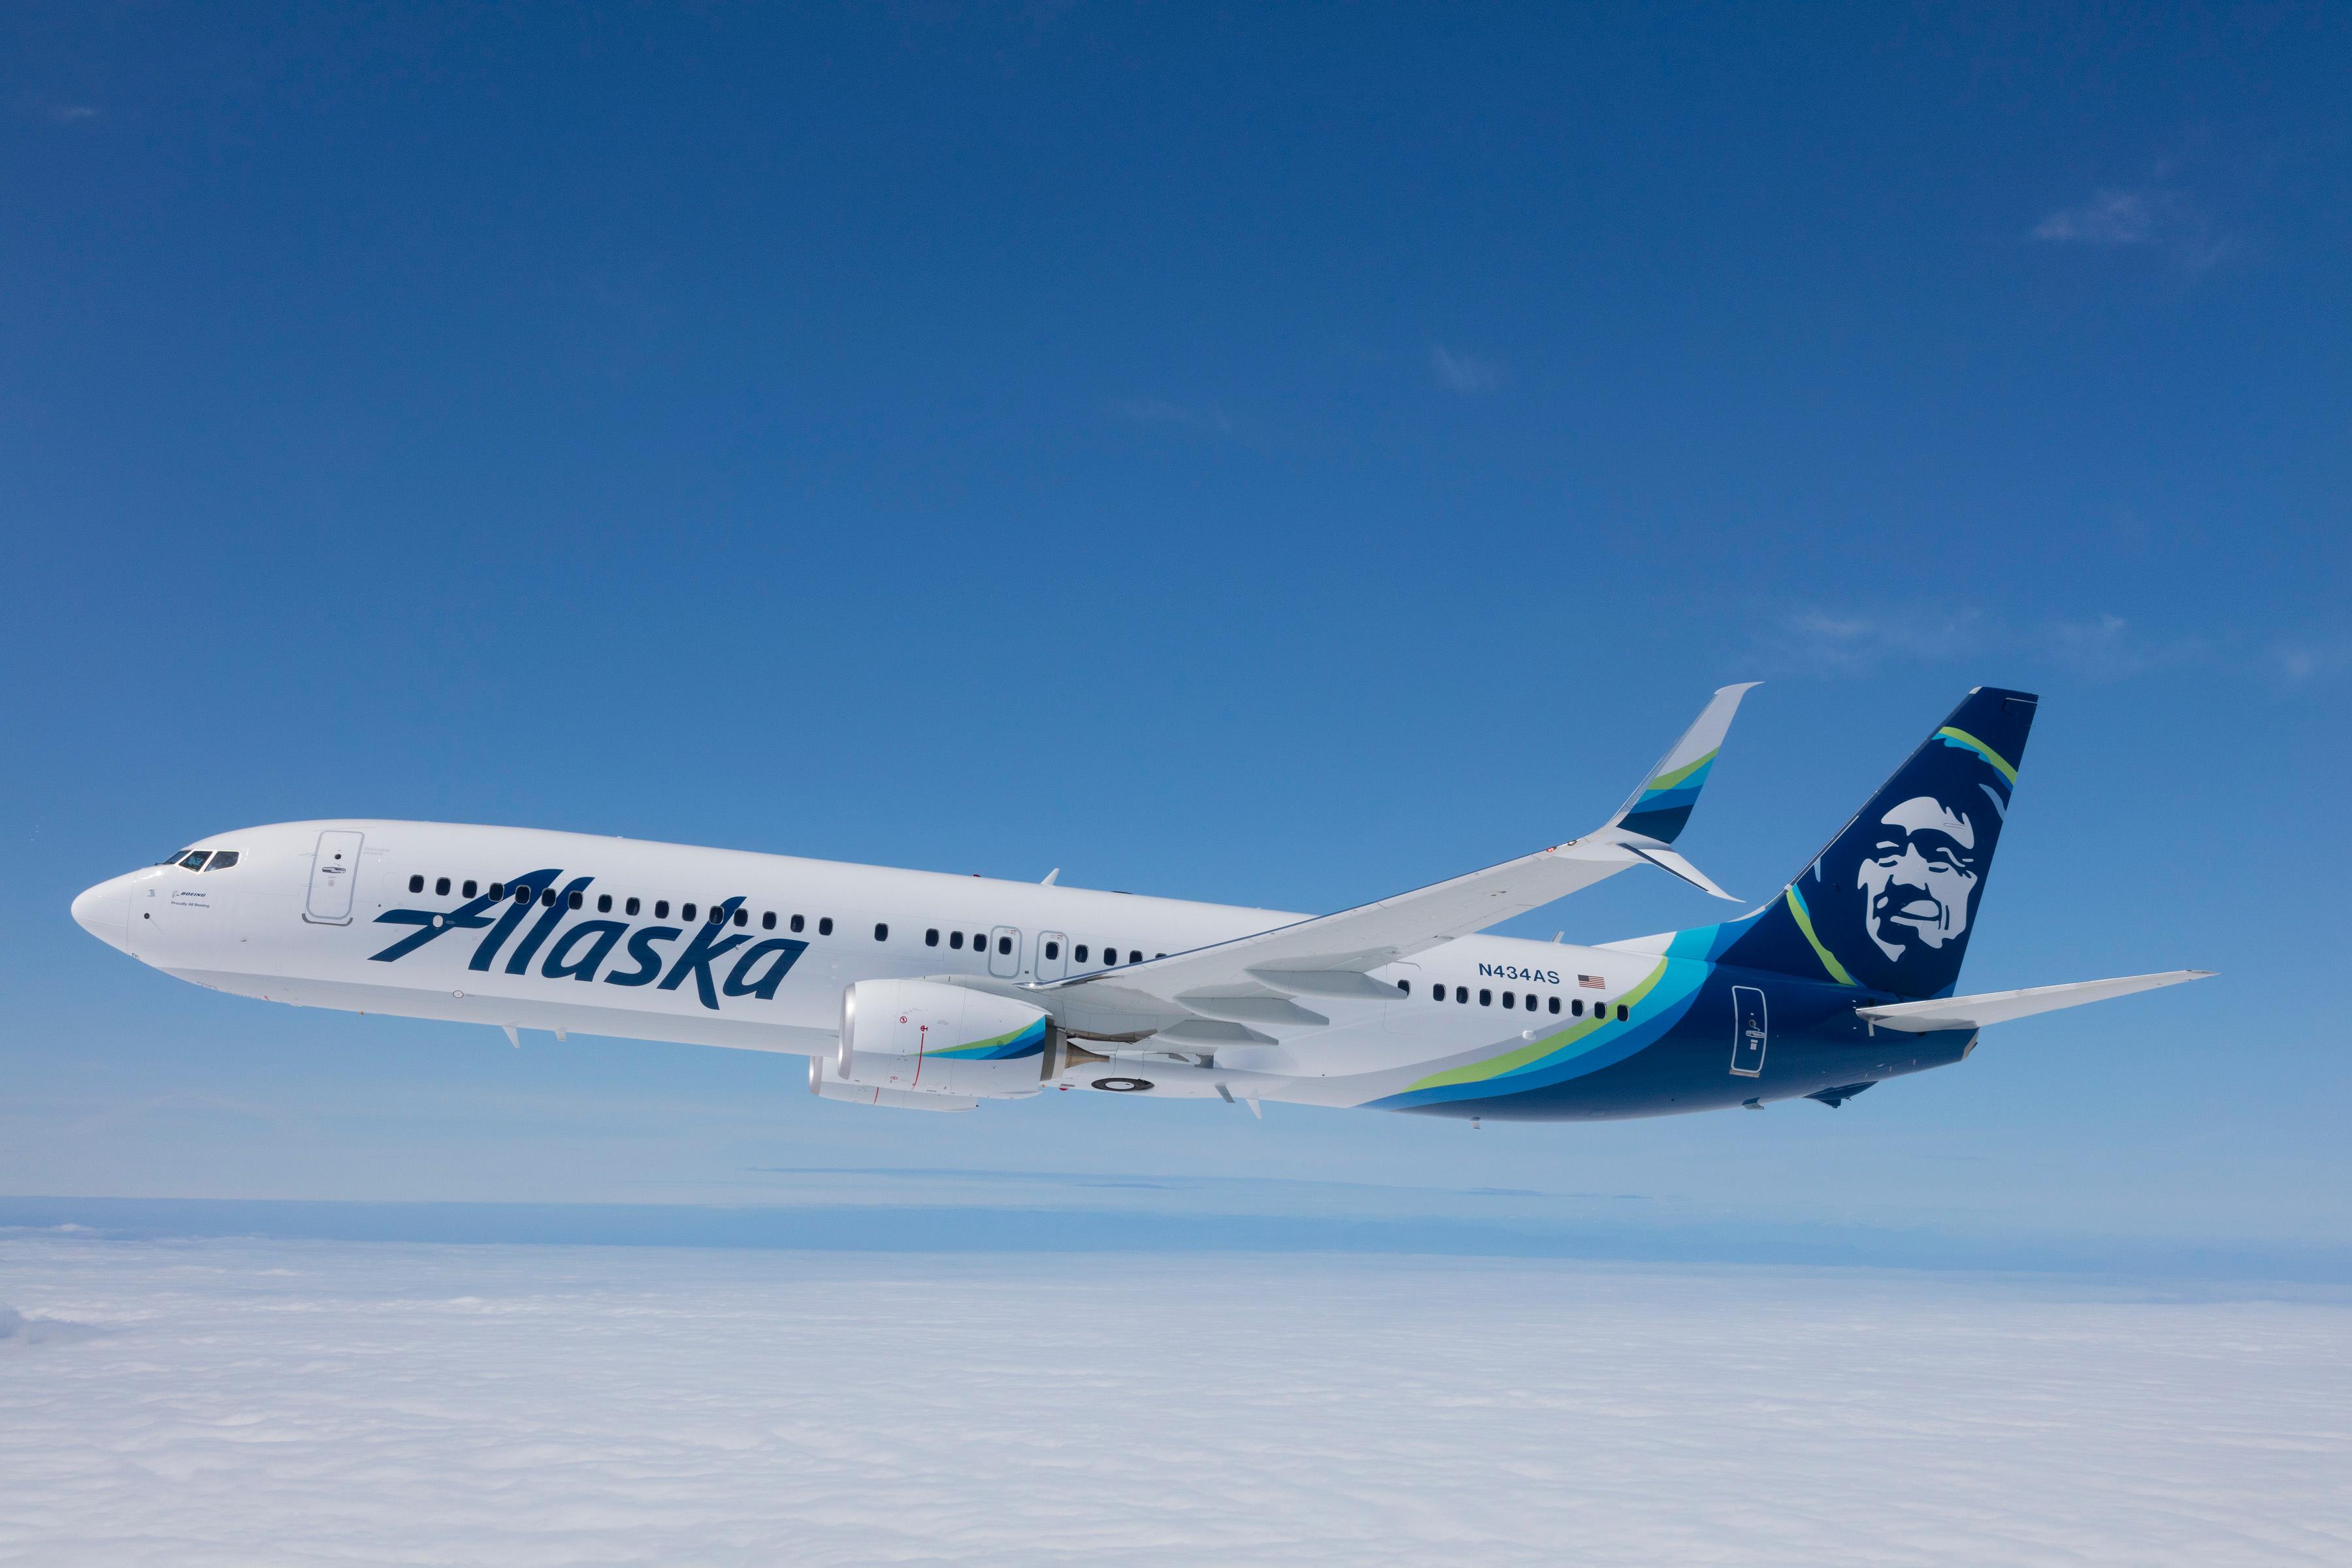 An Alaska Air Group plane in flight.